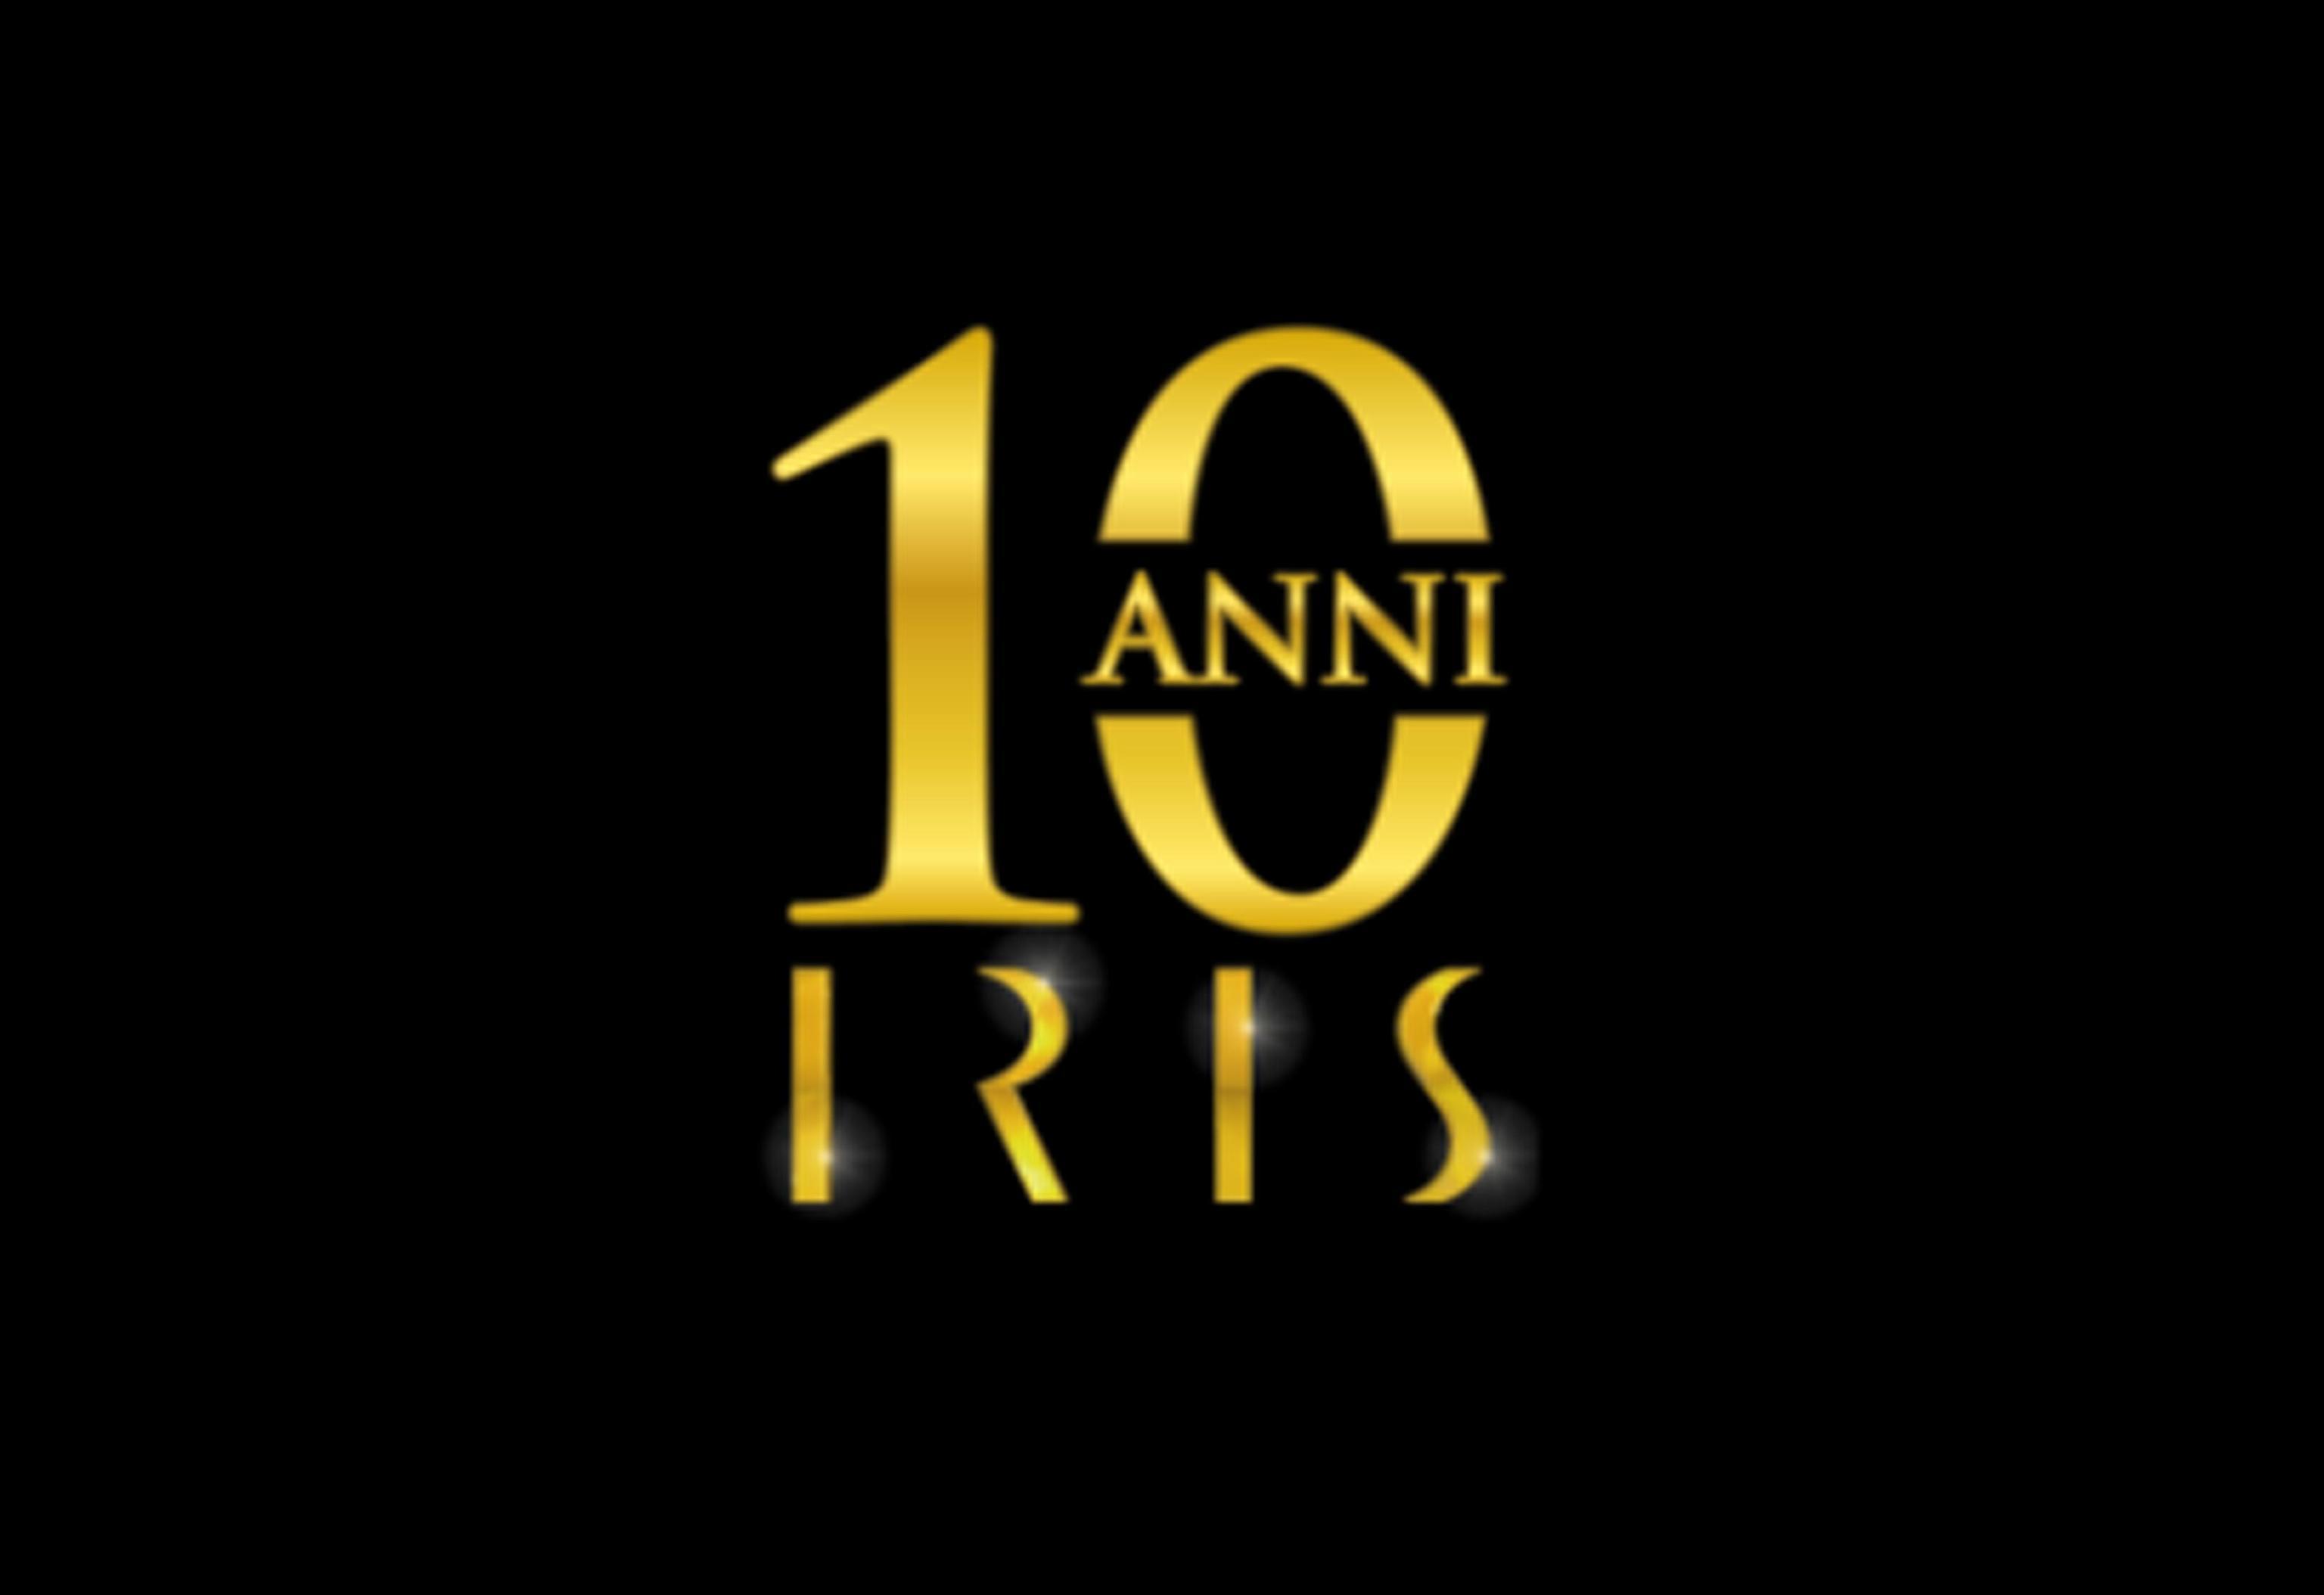 Iris, 10 anni con palinsesto di 10 film